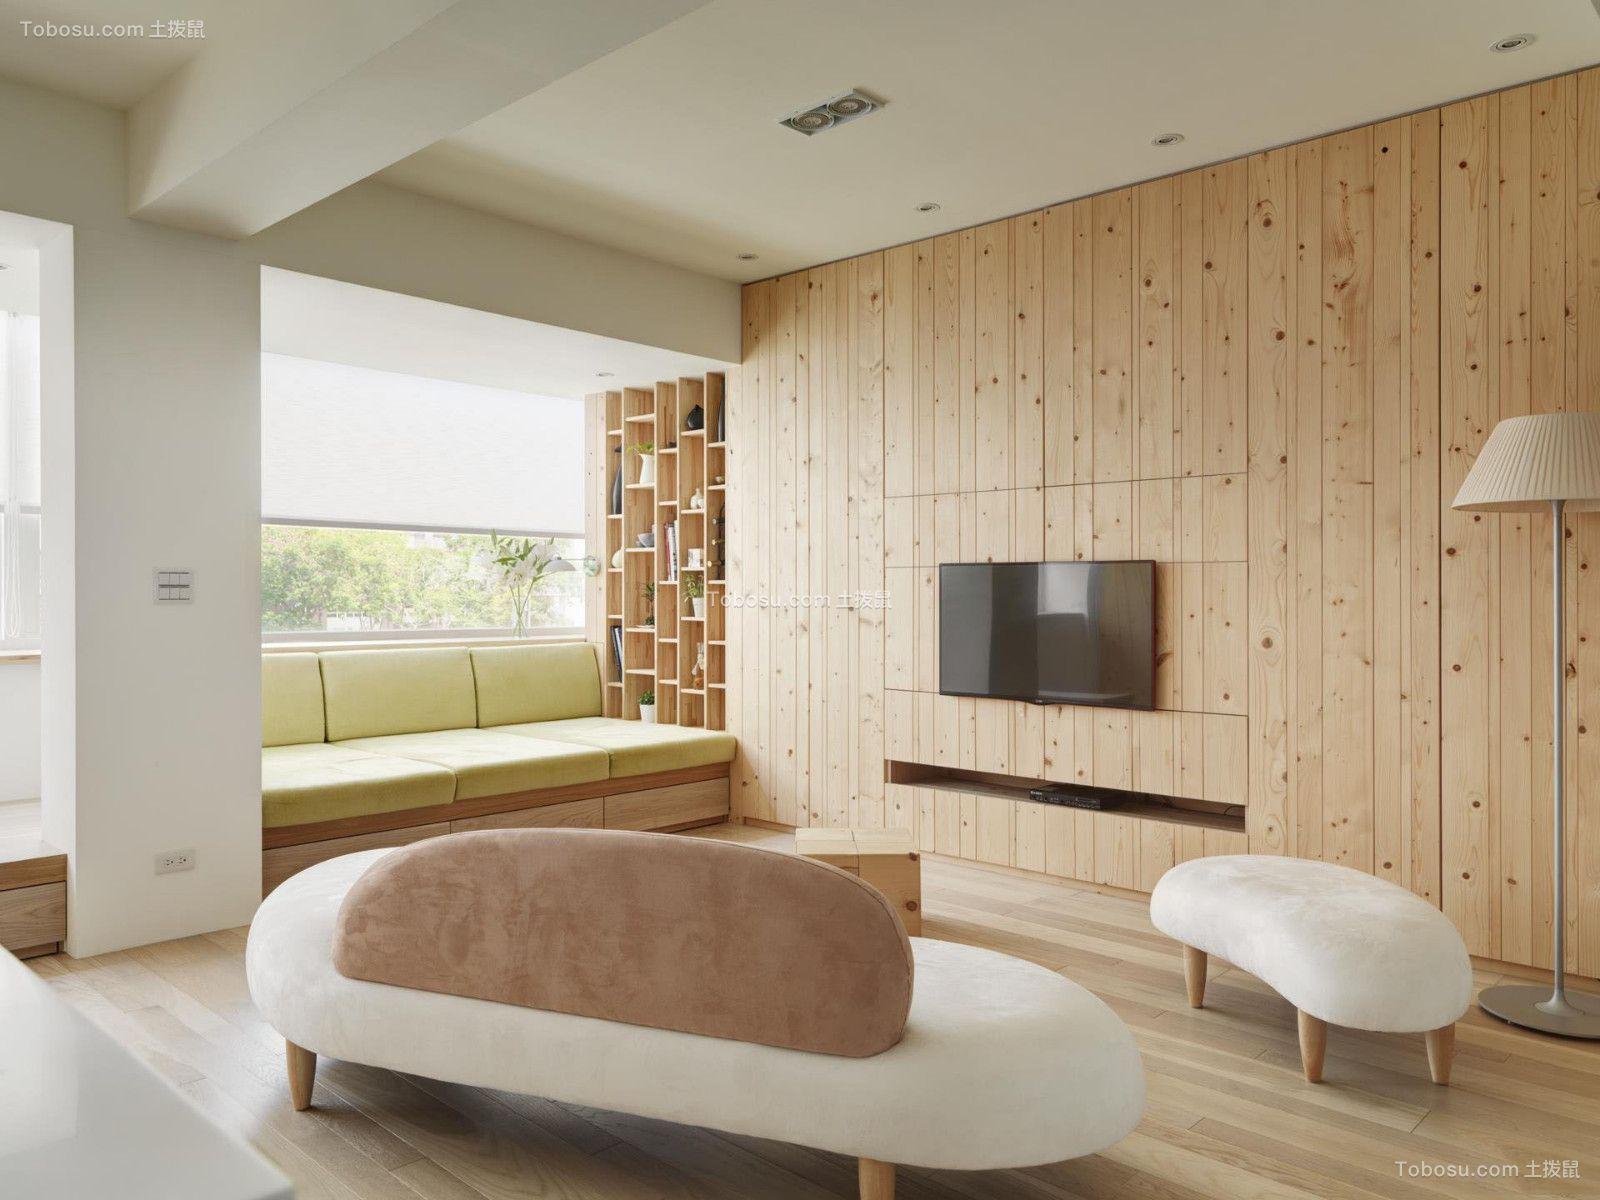 润扬双铁广场70平米一居室现代简约装修效果图